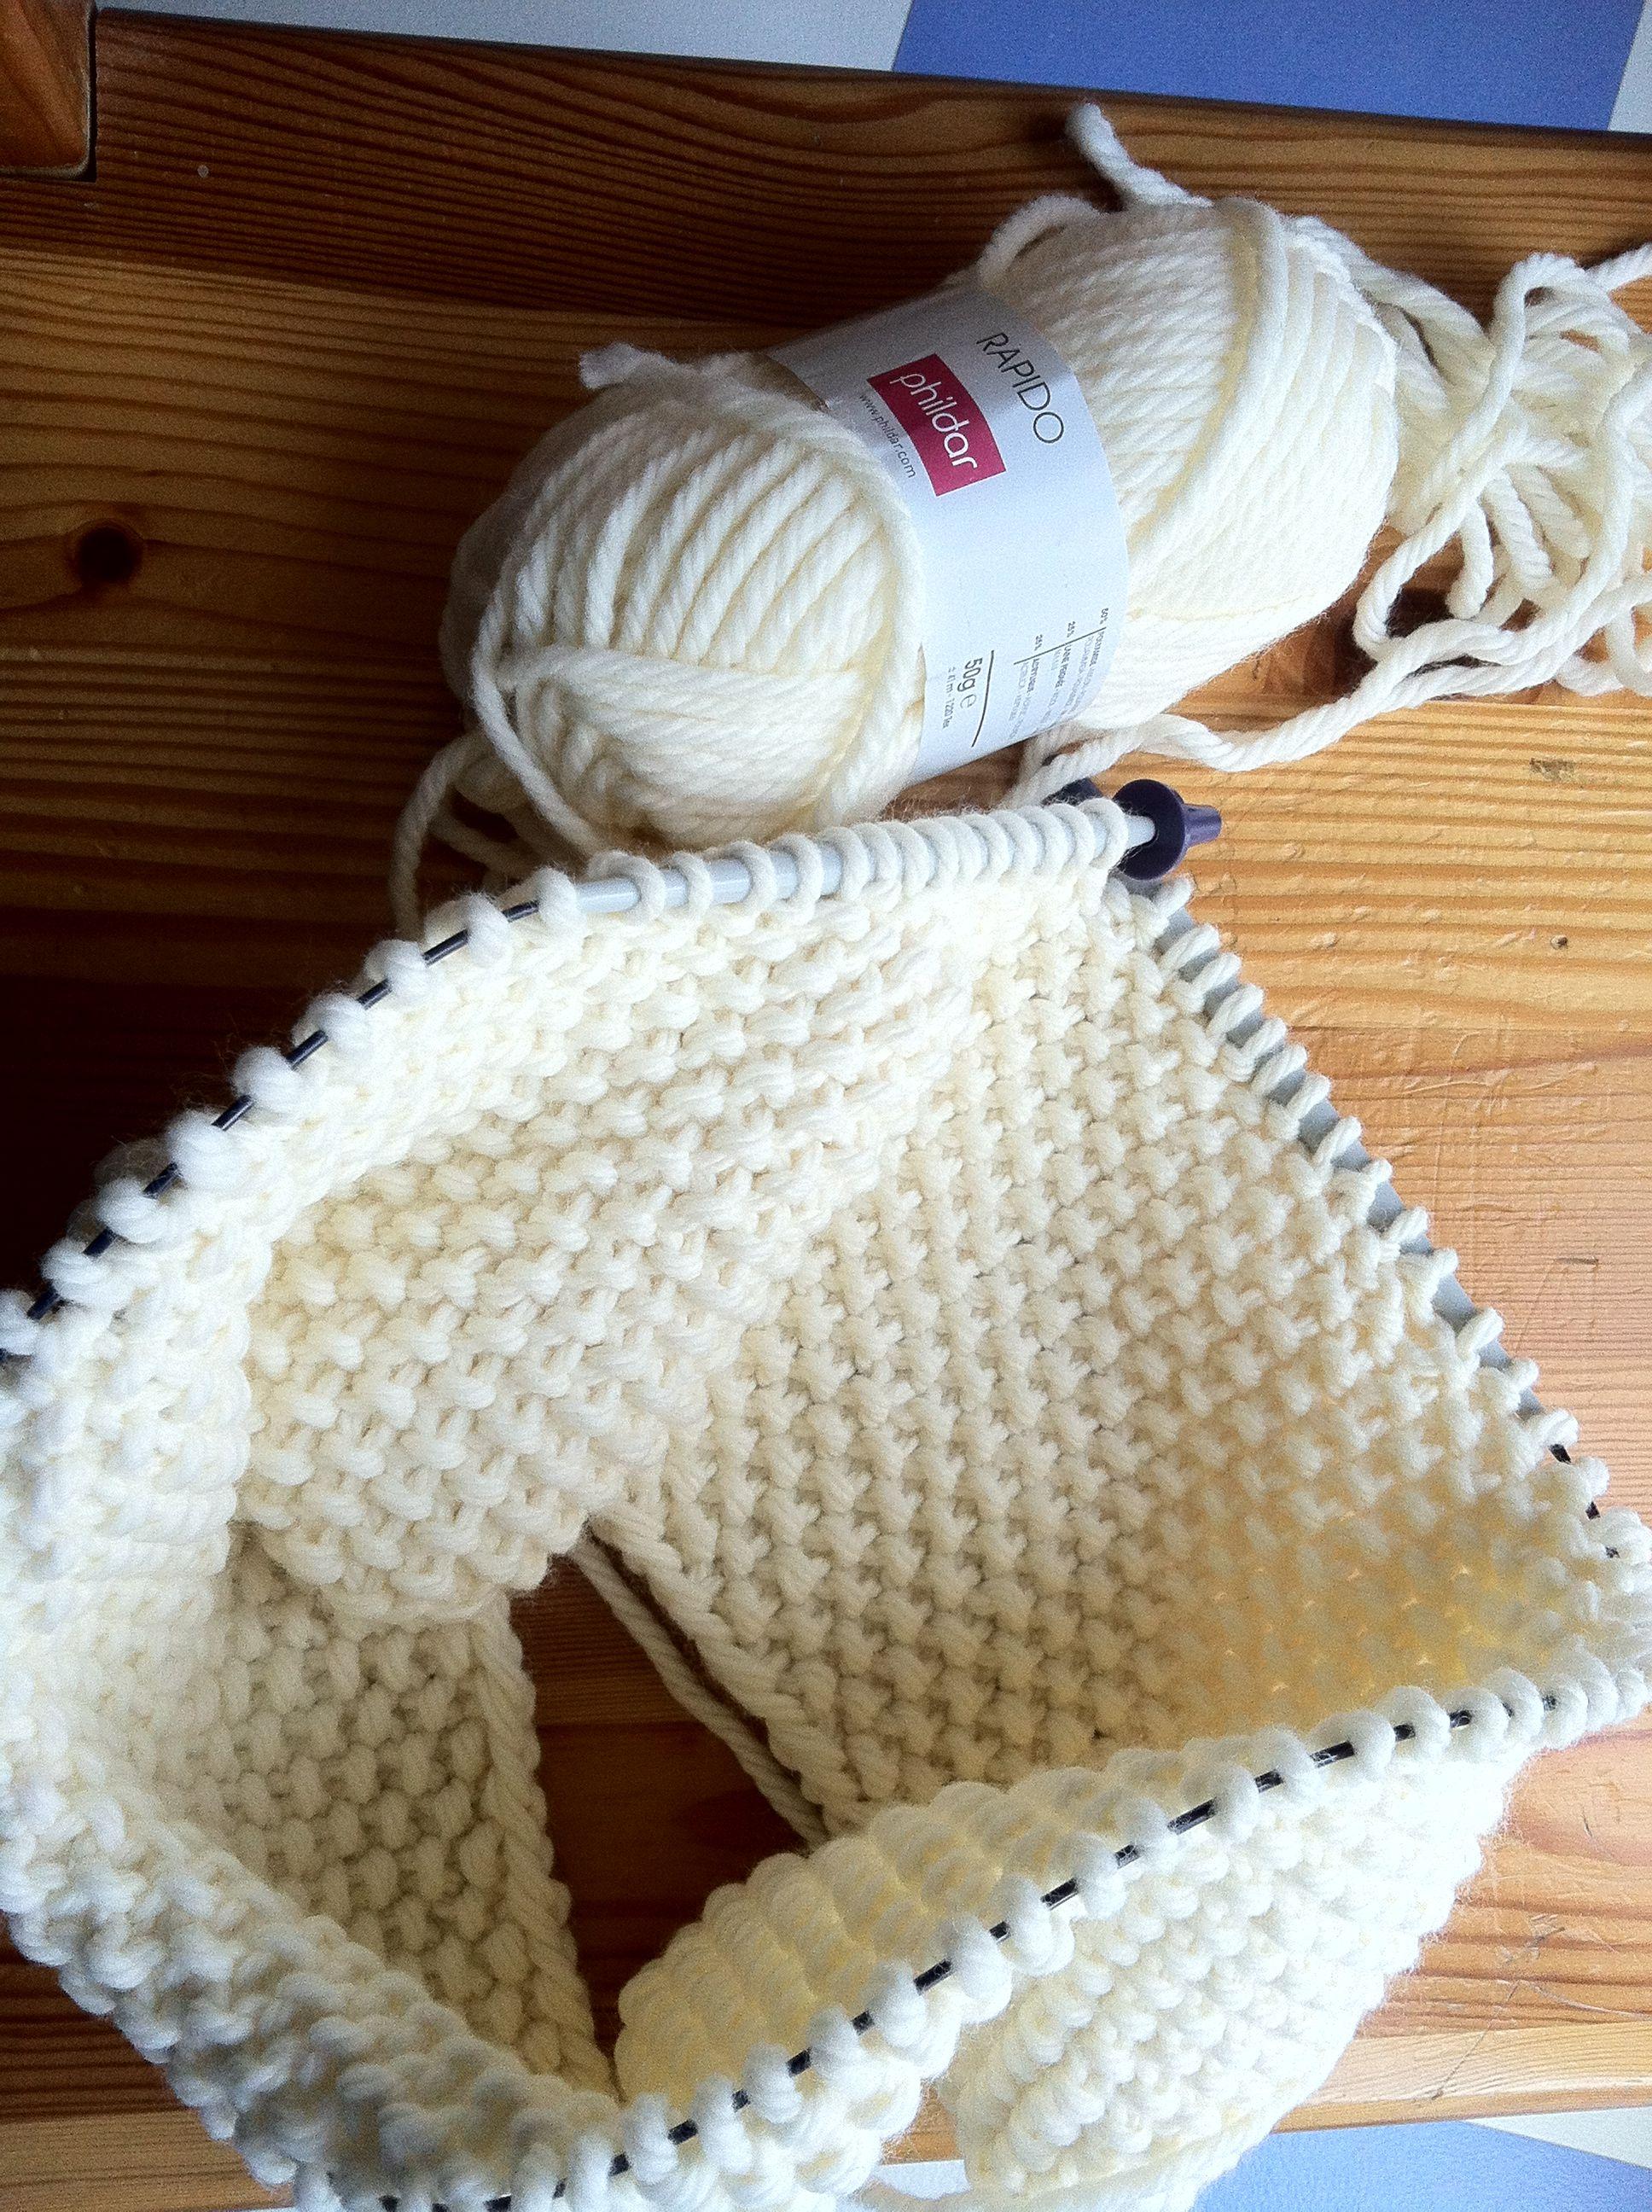 tricoter un snood aiguille circulaire   tricot   Tricot, Tricot circulaire et Snood tricot